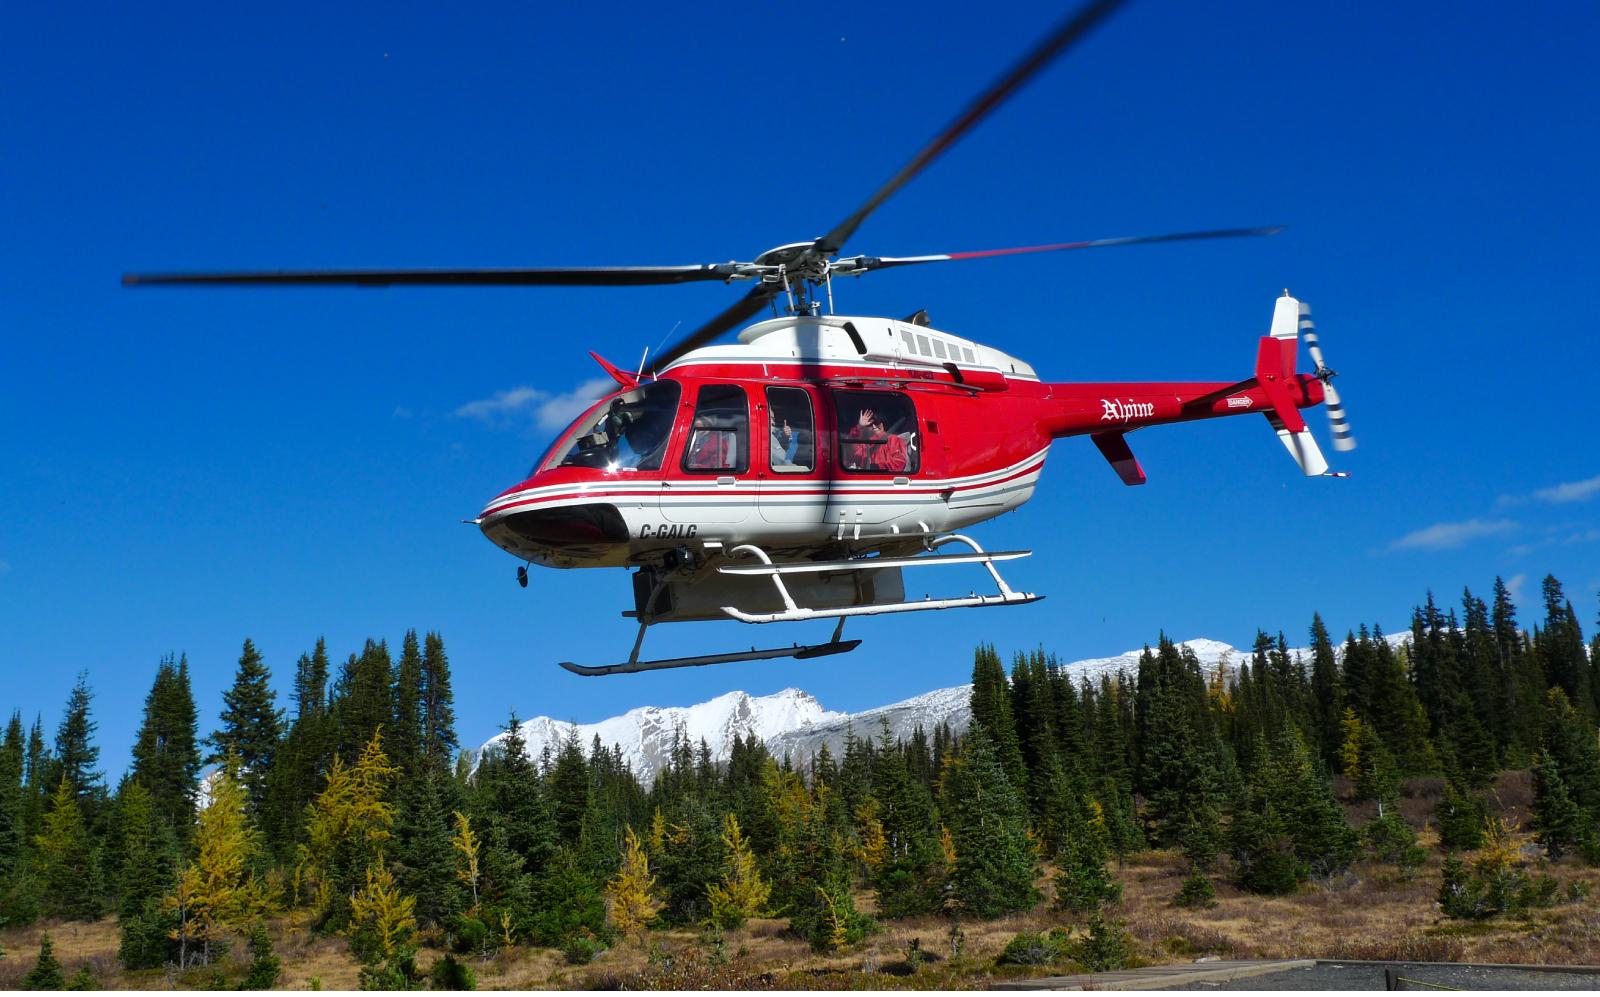 ヘリコプターでロッキーの山中へ一気に入山